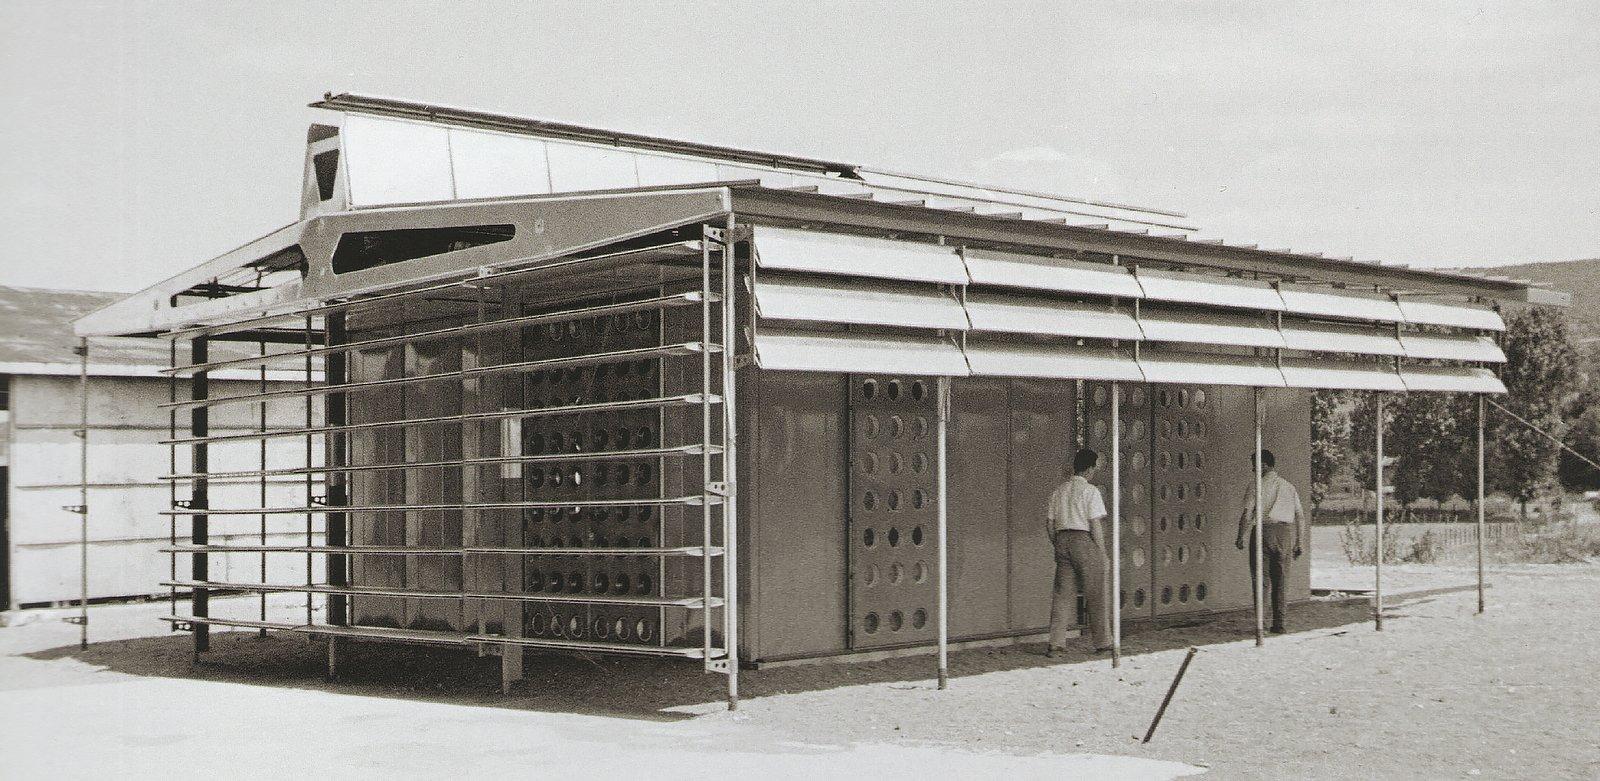 Jean Prouve, Maison Tropicale  Demountable Structures